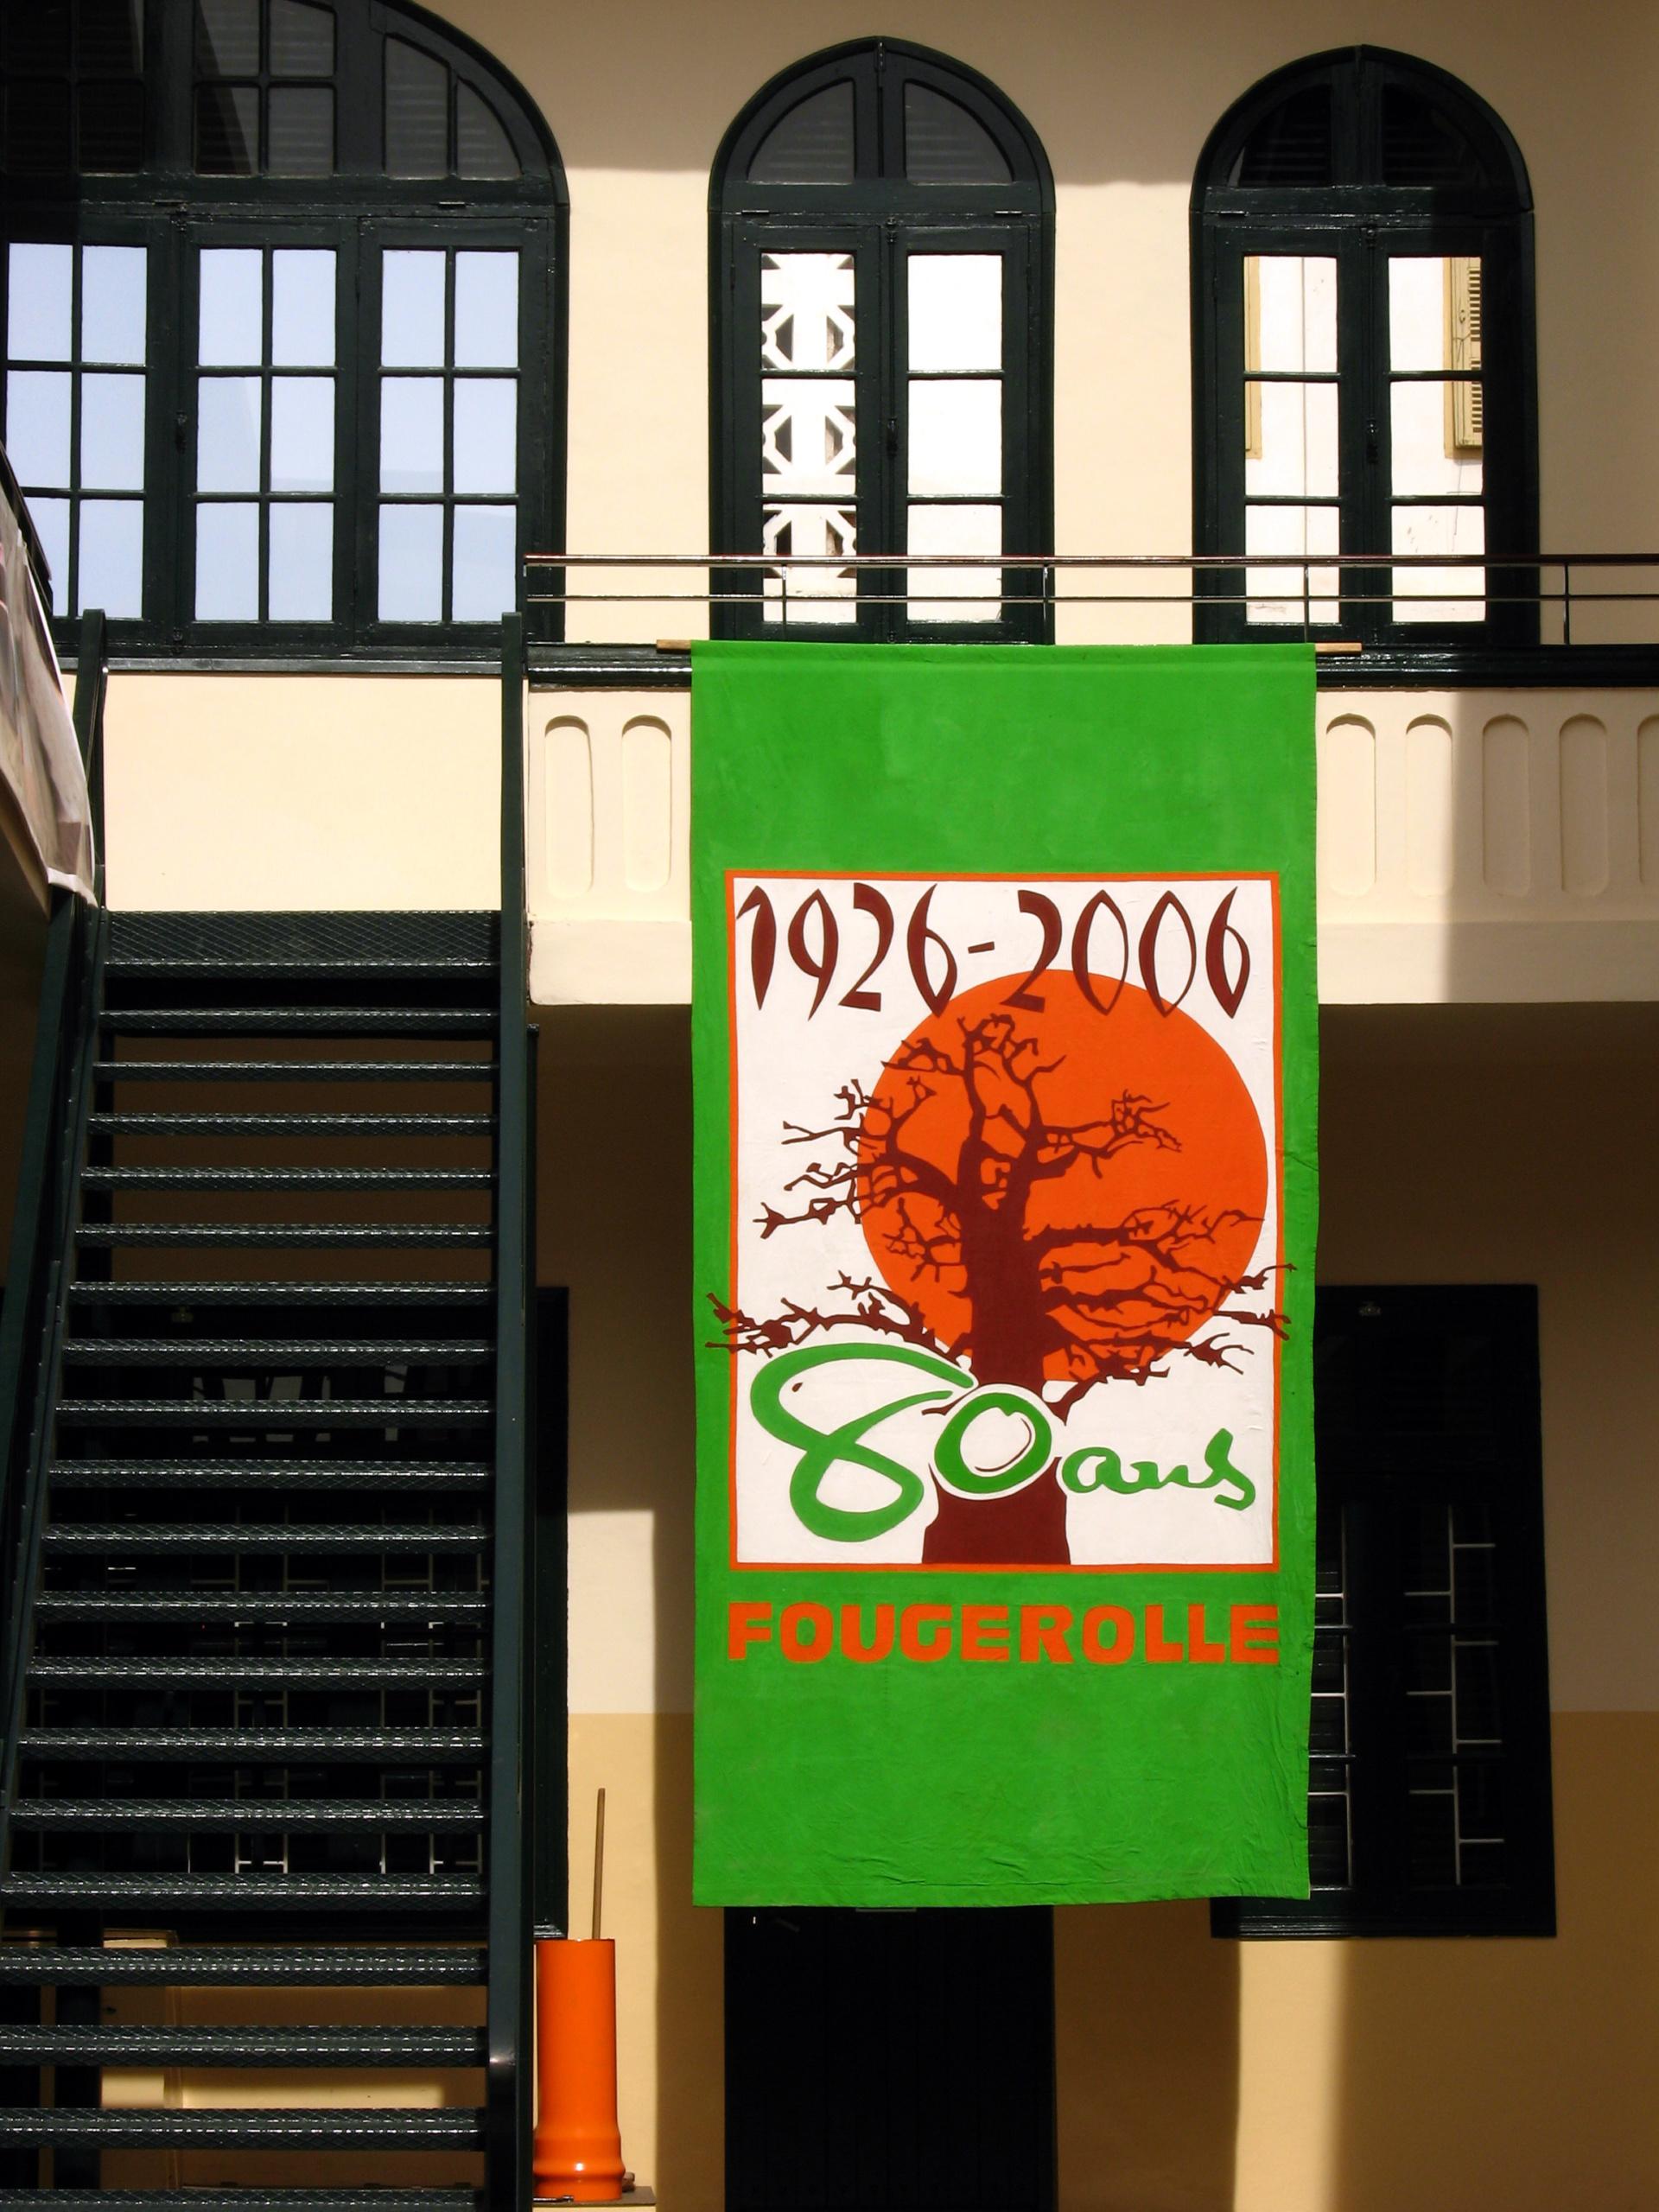 Acrylique sur toile - 300x150cm - 2006: Logo Fougerolle